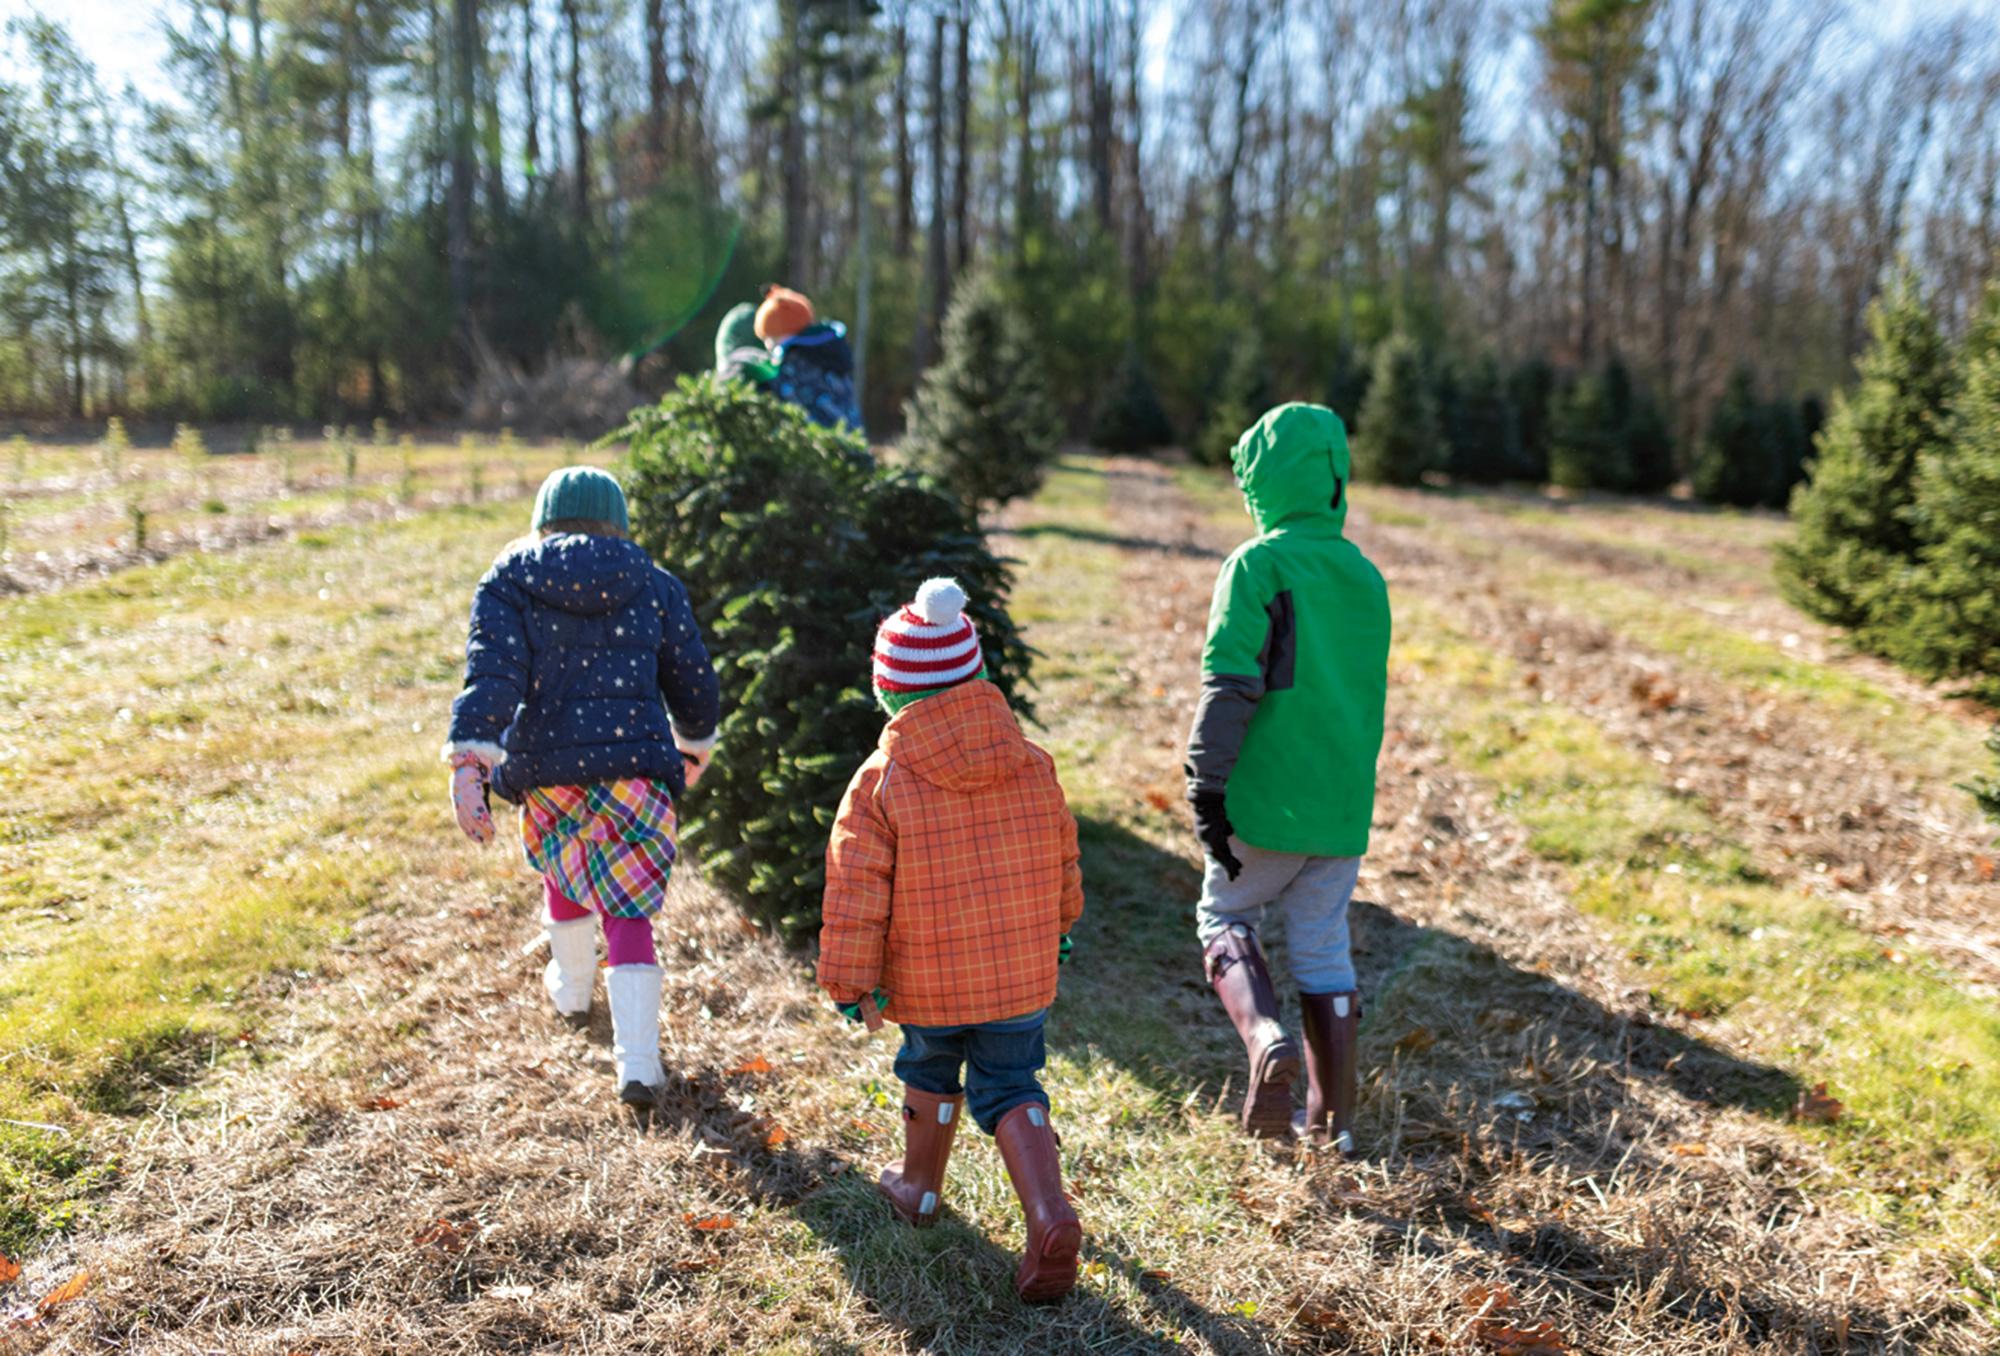 Christmas tree cutting; Photo courtesy Adobe Stock Images